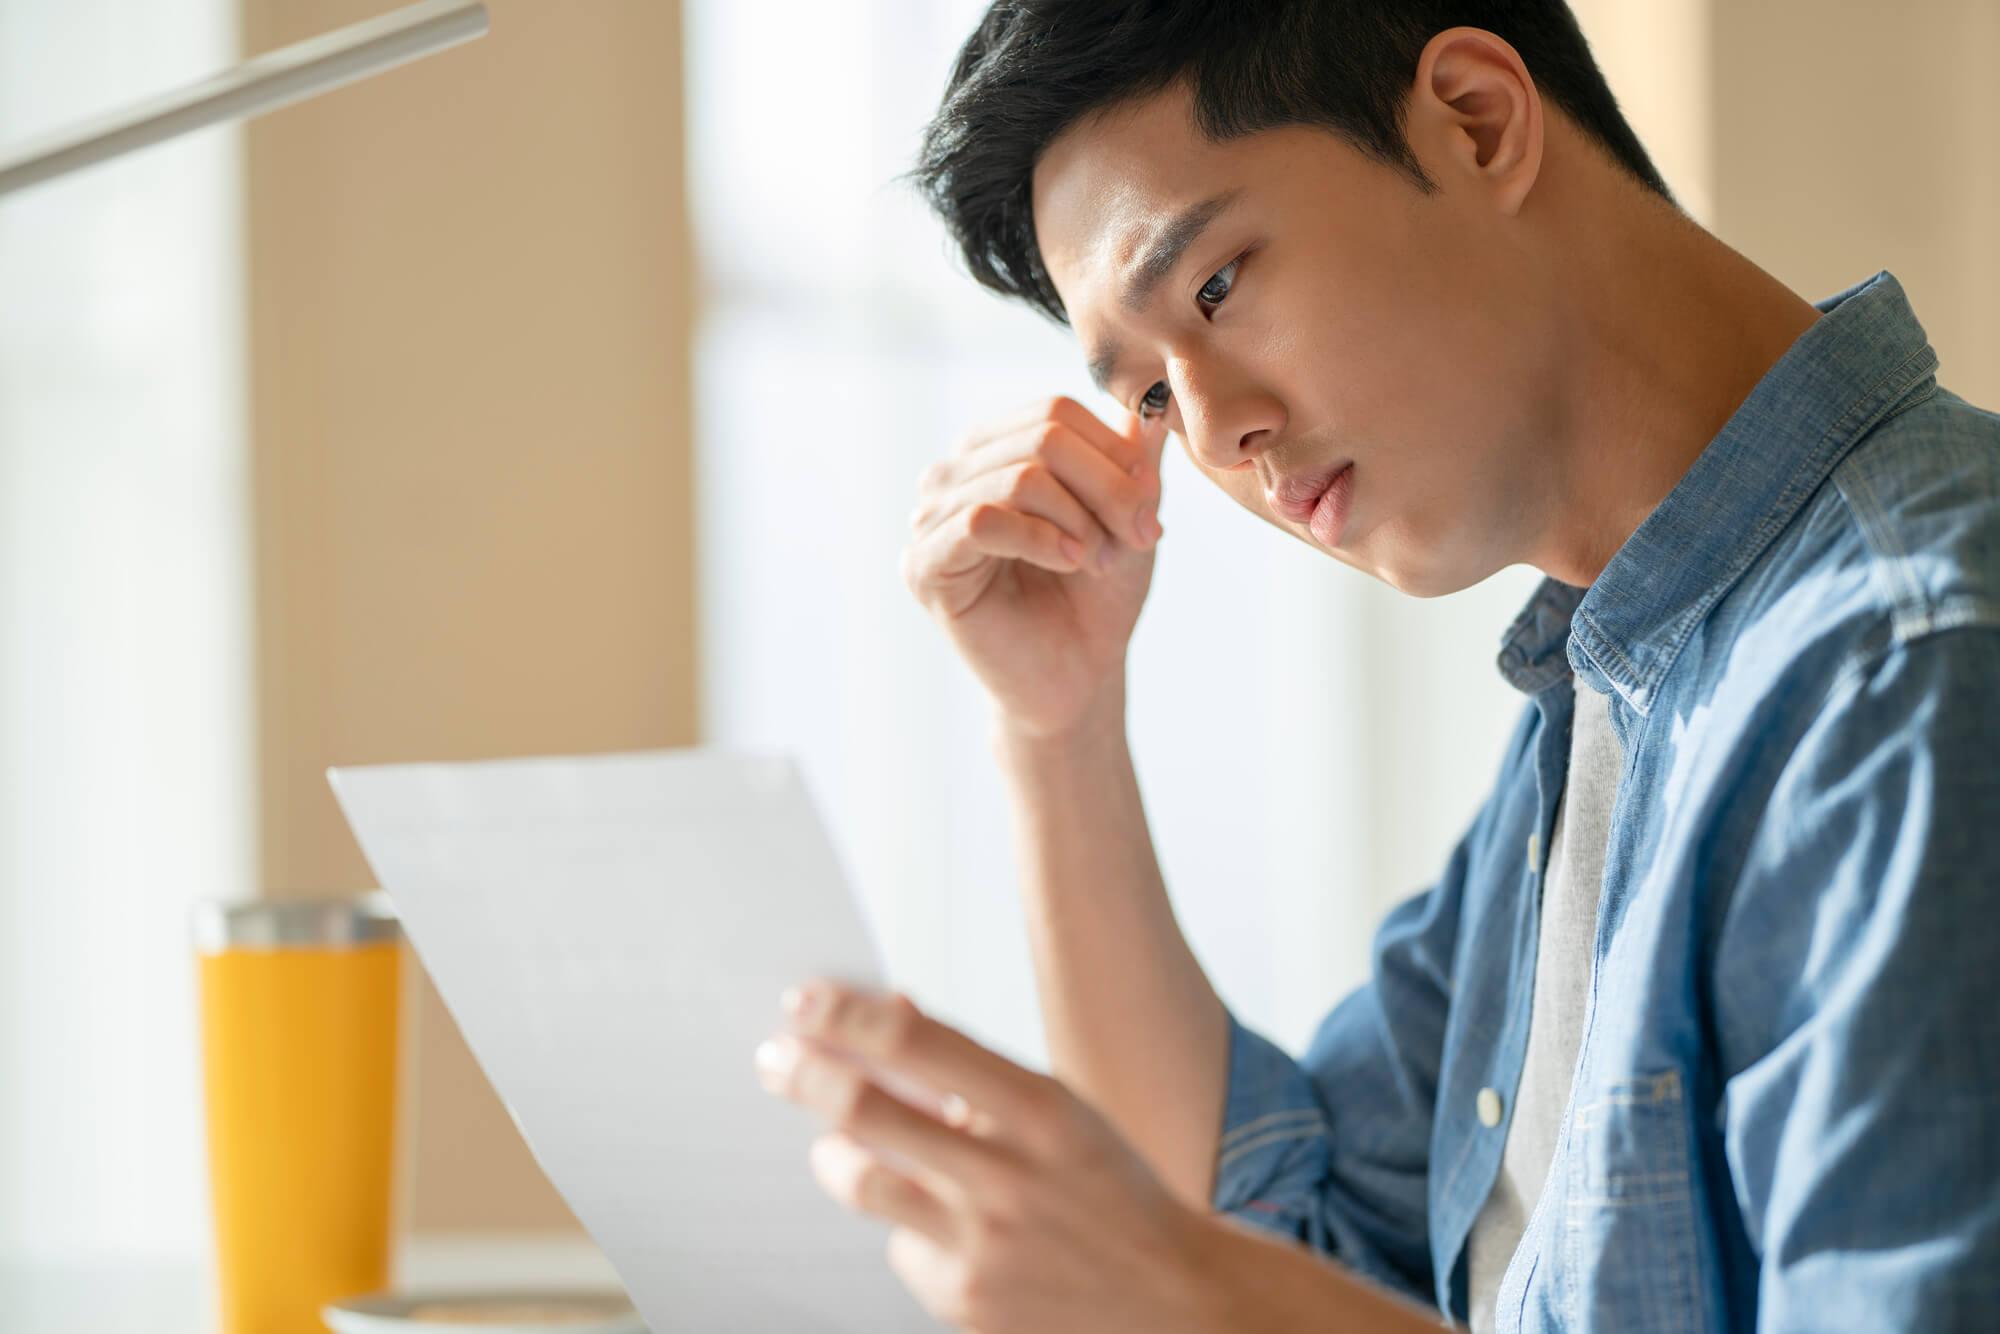 公務員試験のための勉強をするアスペルガー症候群の男性